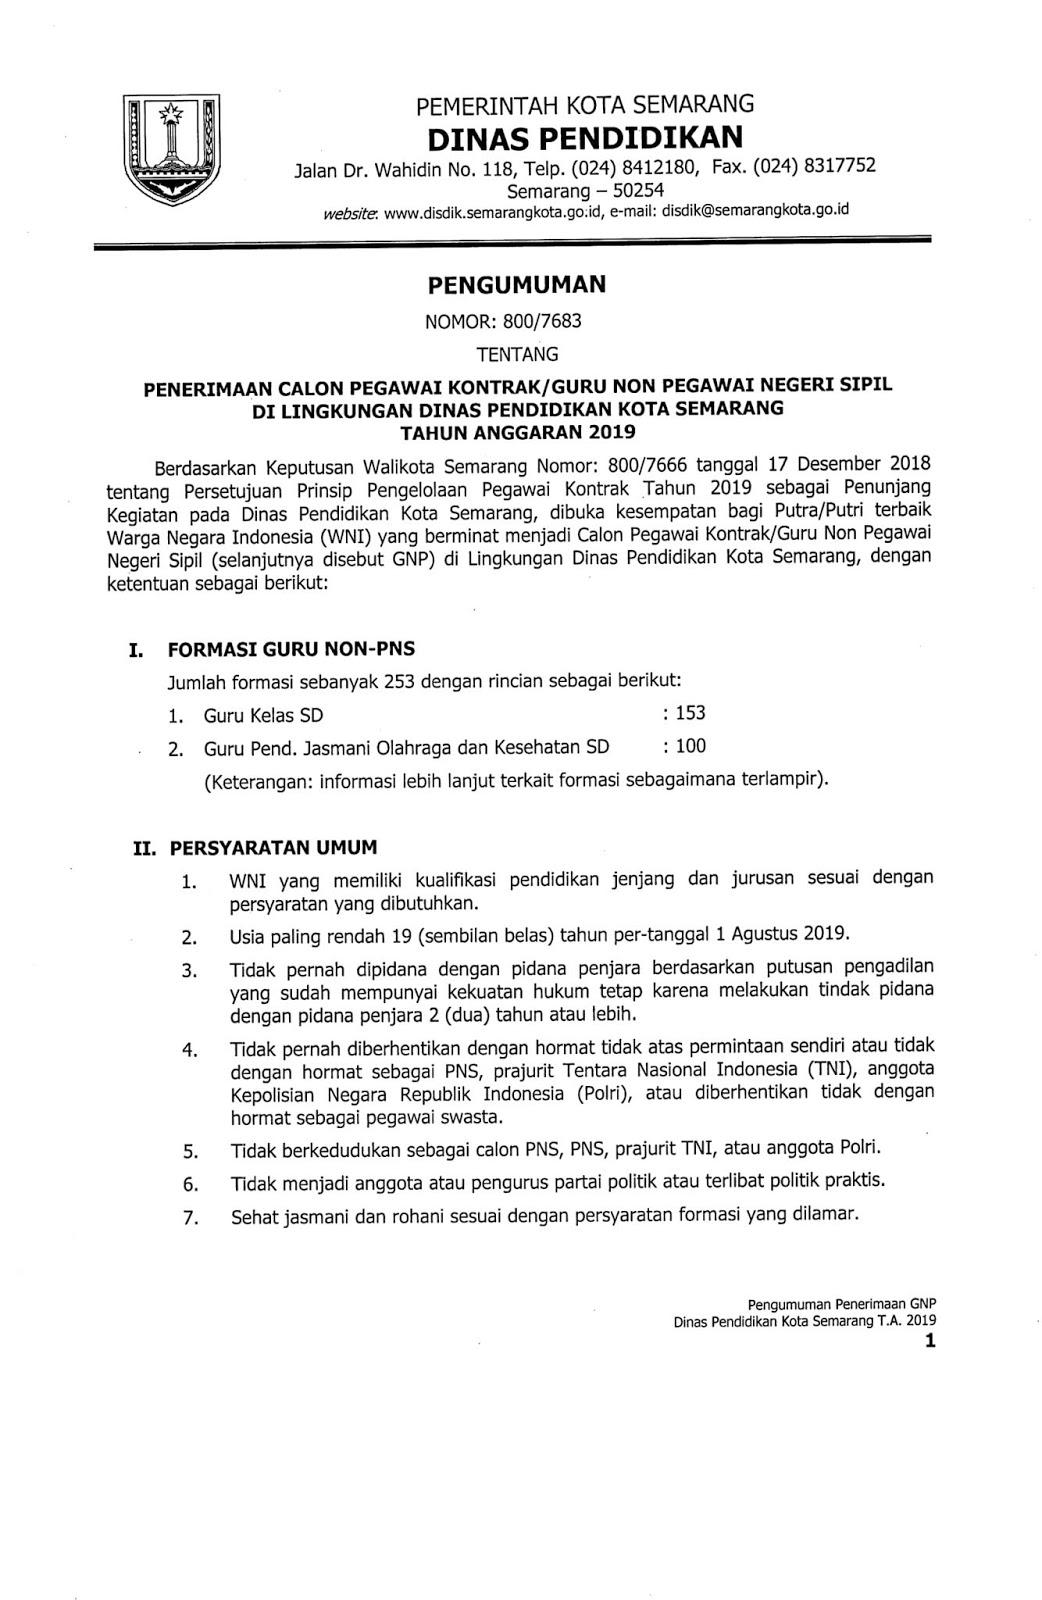 Lowongan Kerja Non PNS Dinas Pendidikan Kota Semarang Agustus 2019 [ 253 Formasi]